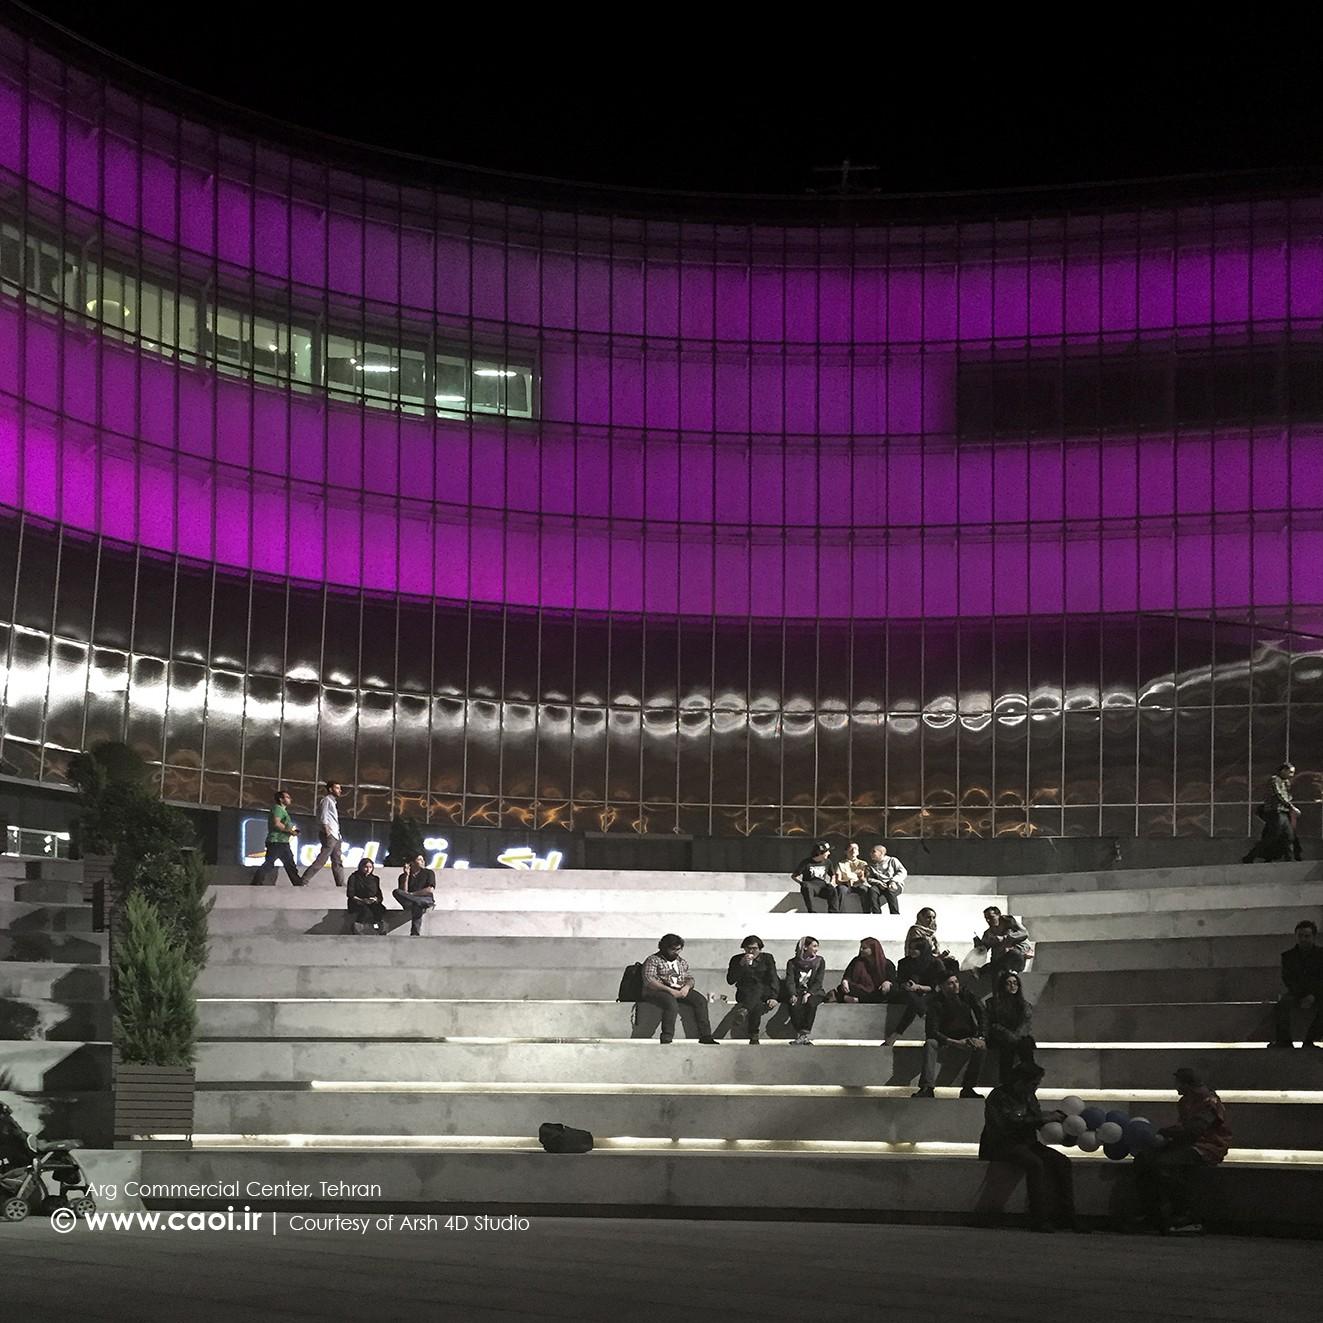 نورپردازی مجتمع تجاری ارگ در شب